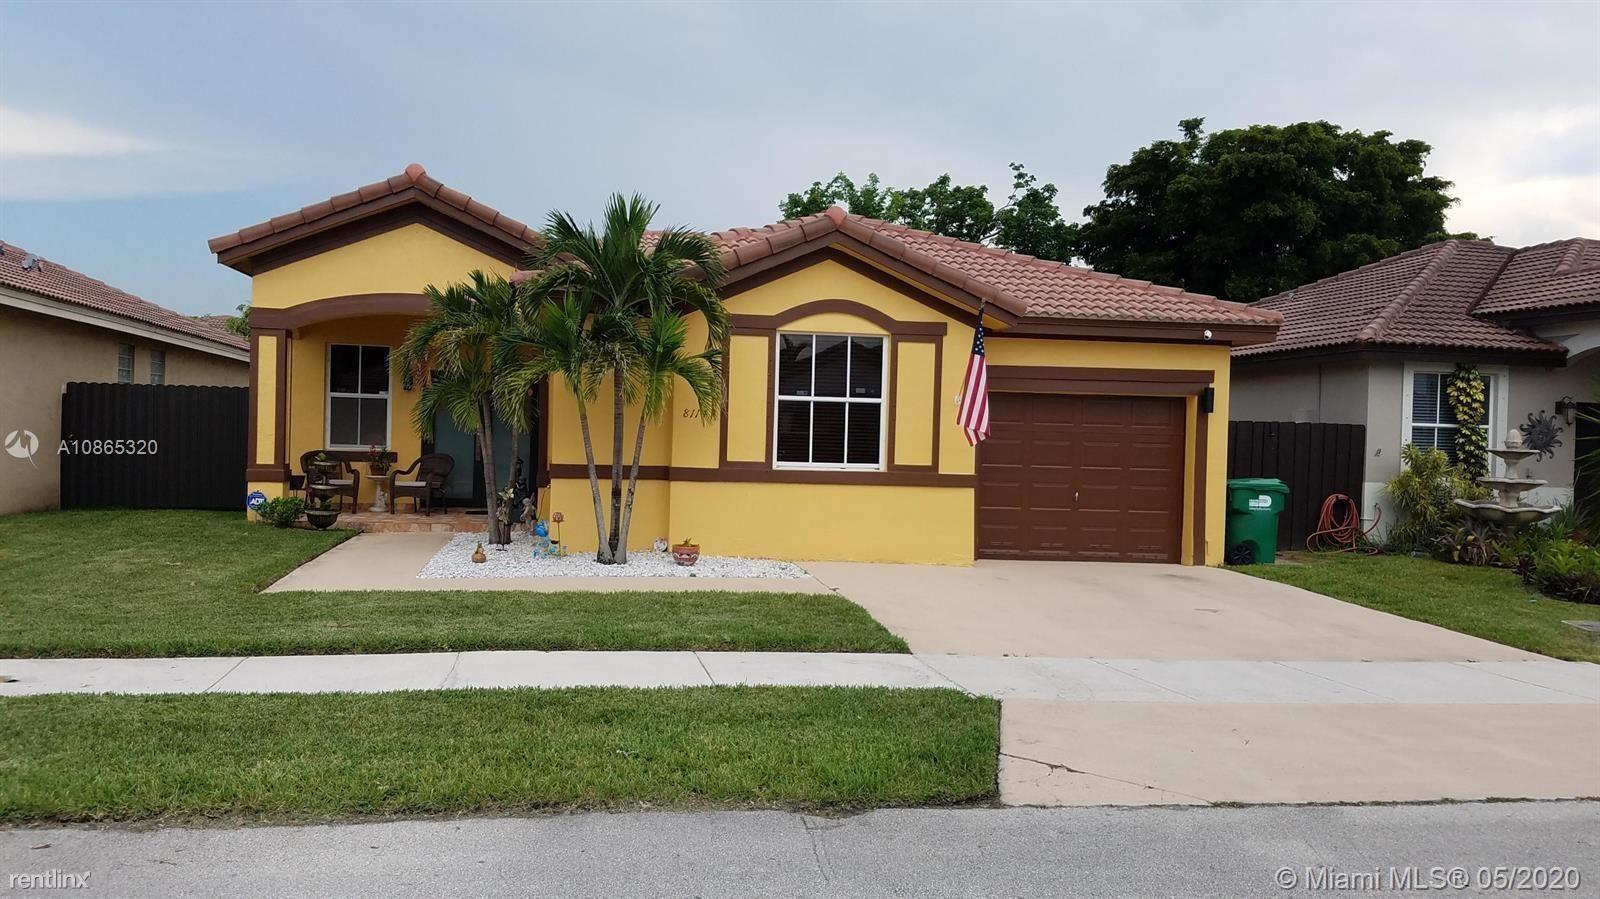 8114 NW 198th Ter, Hialeah, FL - $2,600